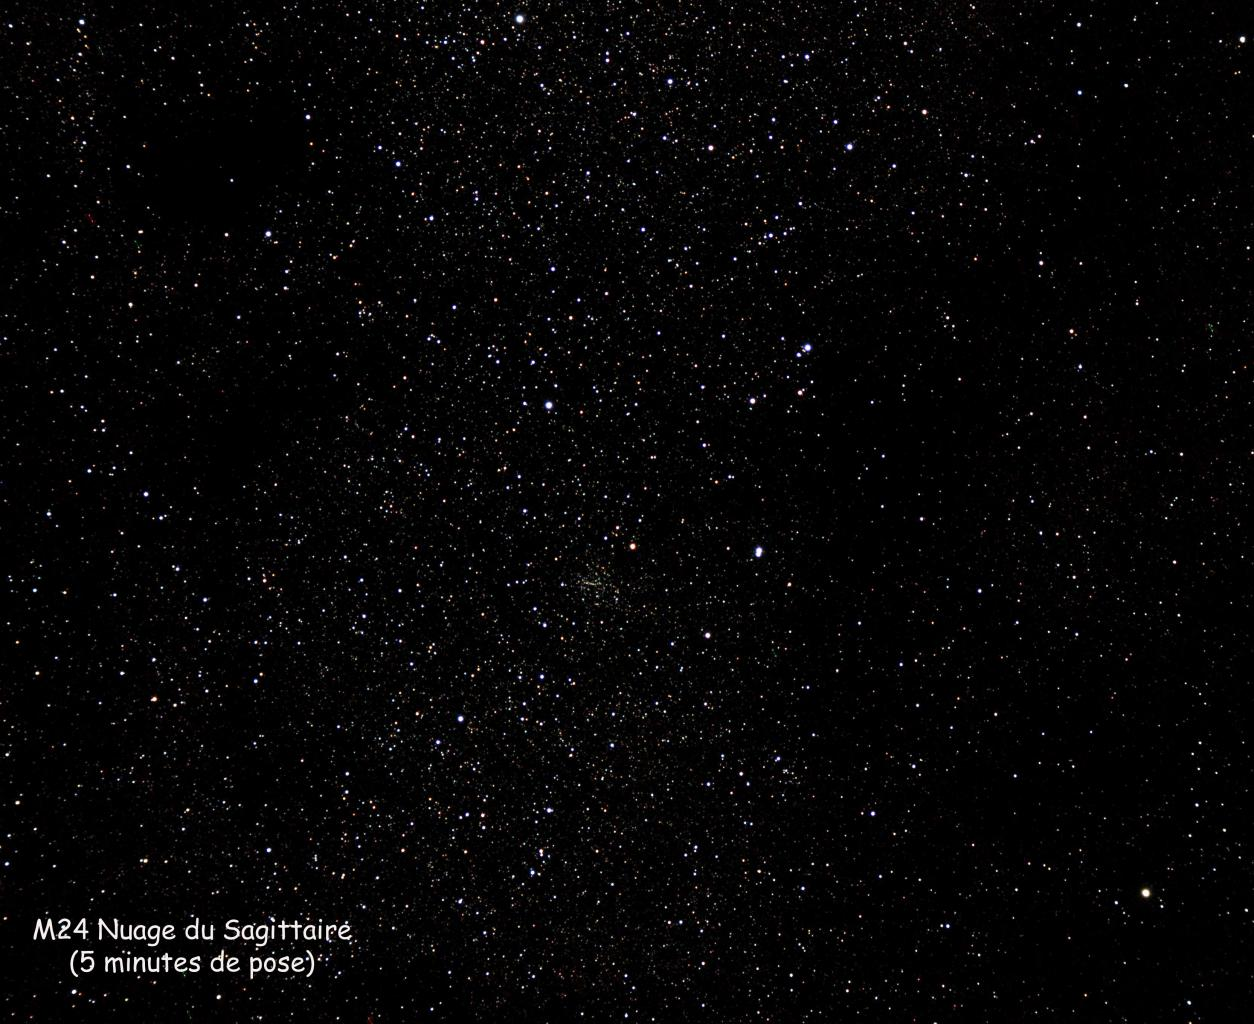 M24 Nuage du Sagittaire